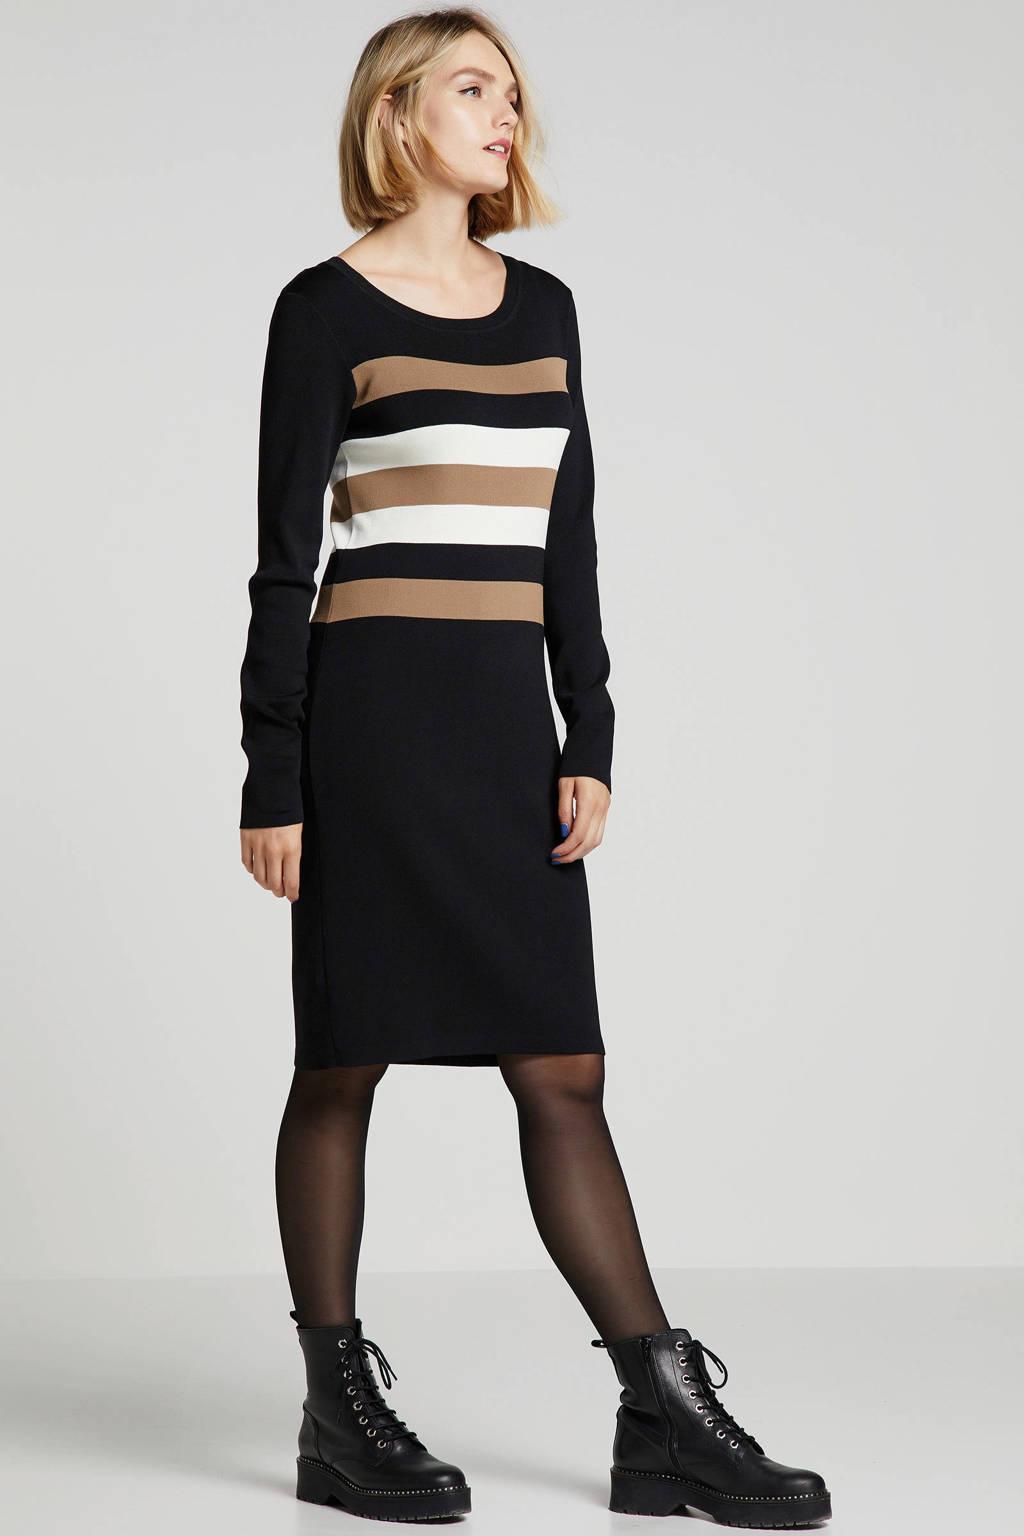 Geisha gebreide jurk met strepen, Zwart/bruin/wit